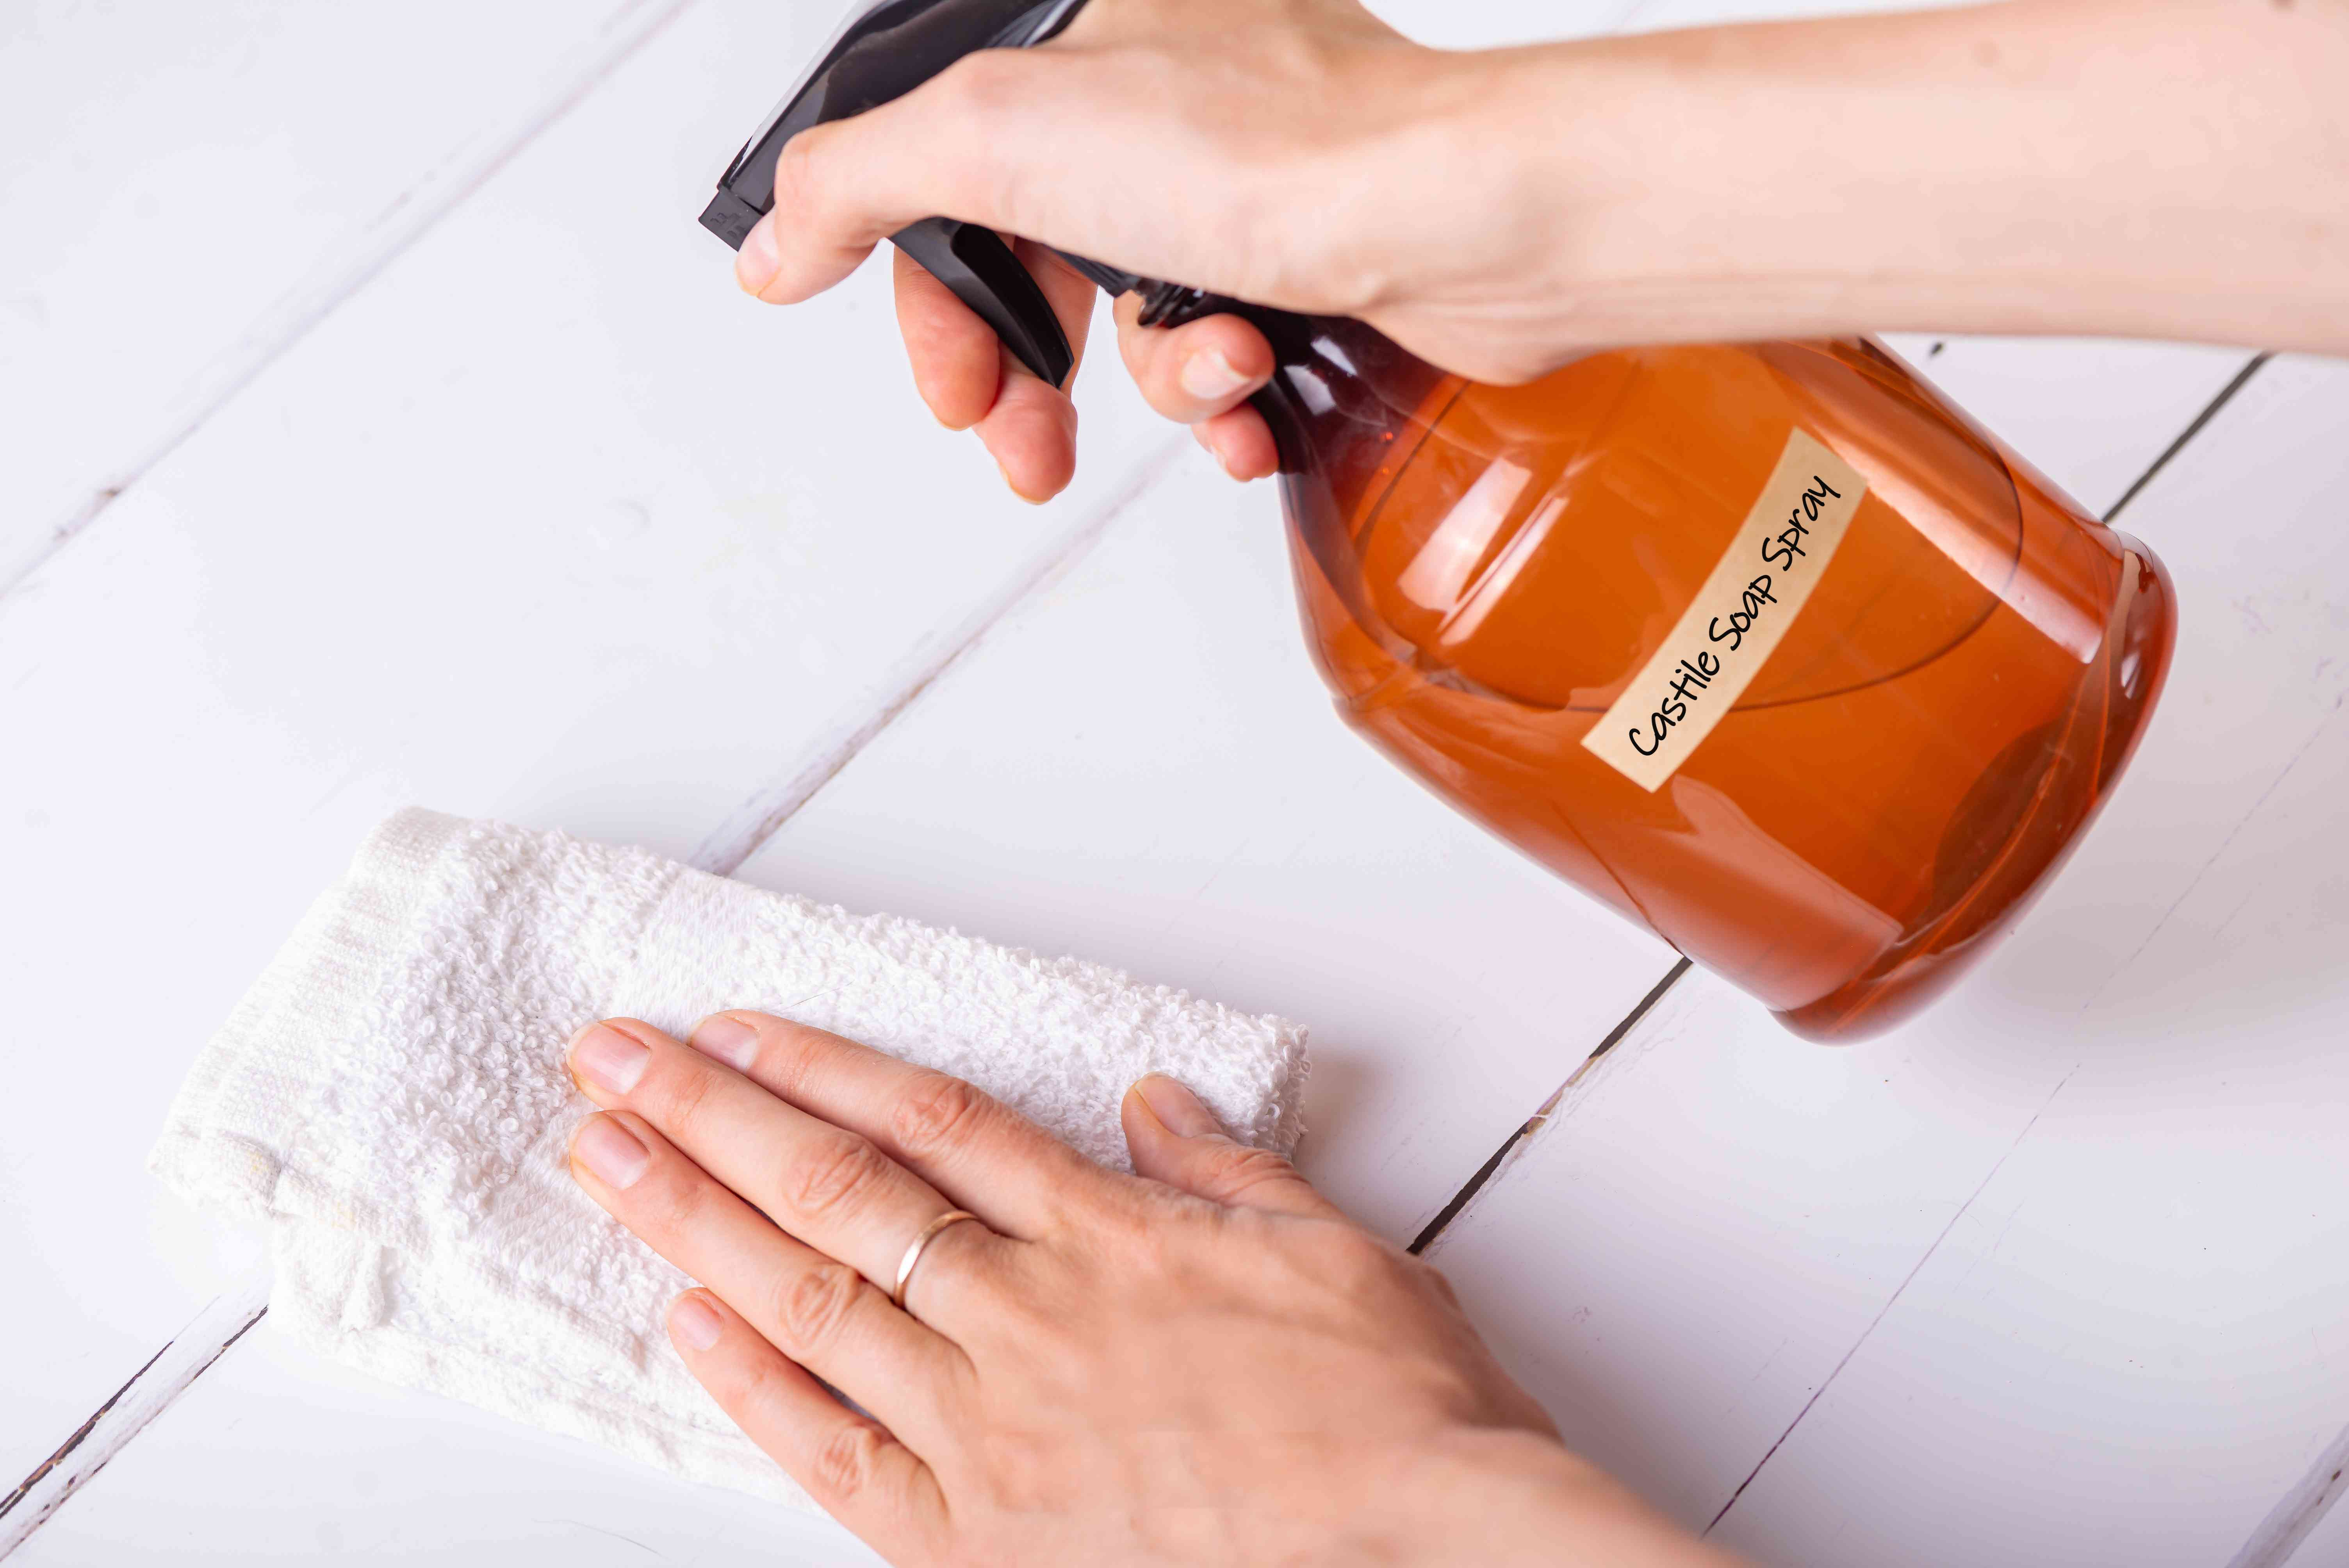 using homemade castile soap spray